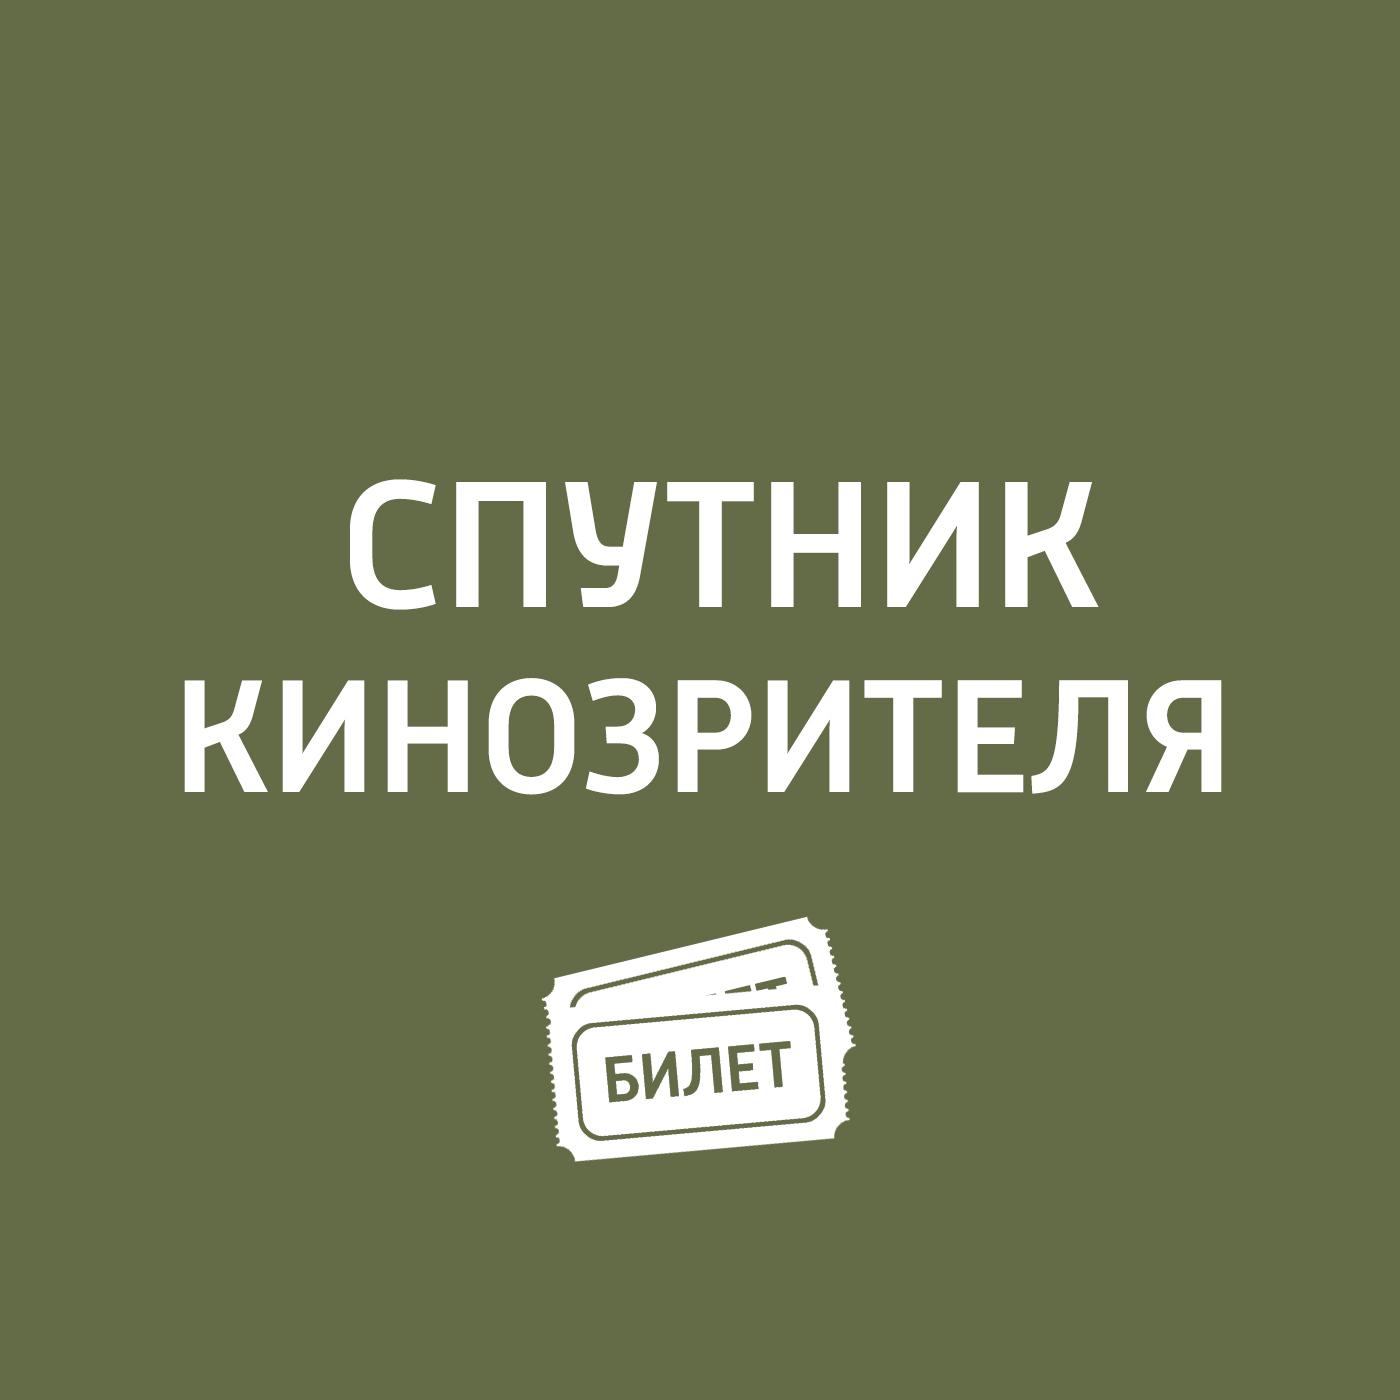 Антон Долин Трудно быть богом, «Нимфоманка-2, «Дубровский дубровский dvd